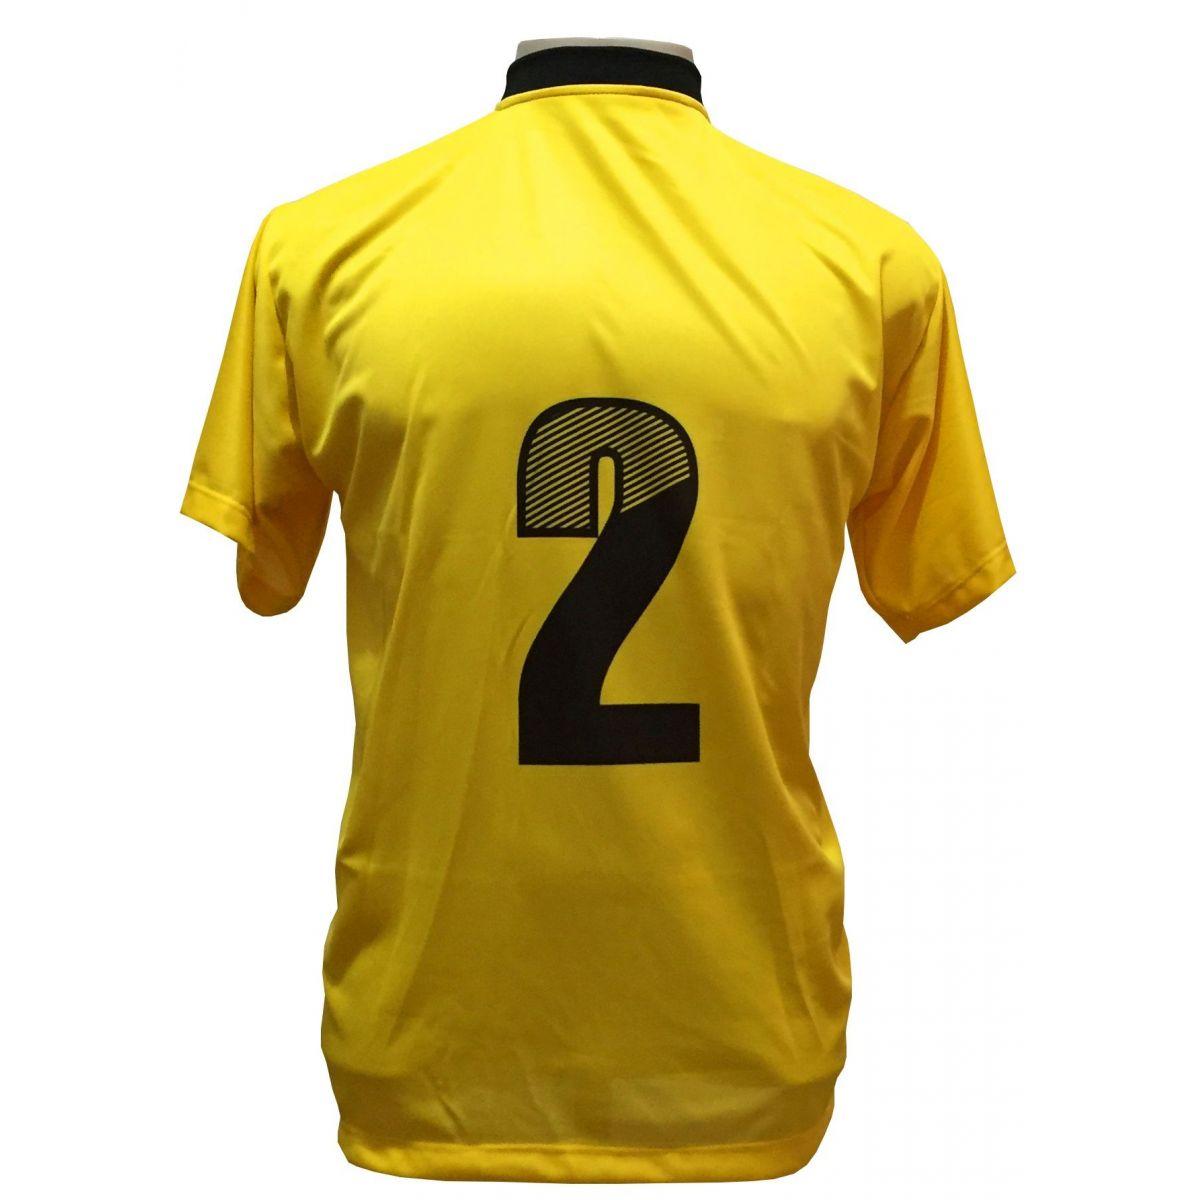 Jogo de Camisa com 20 unidades modelo Roma Amarelo/Preto + Brindes